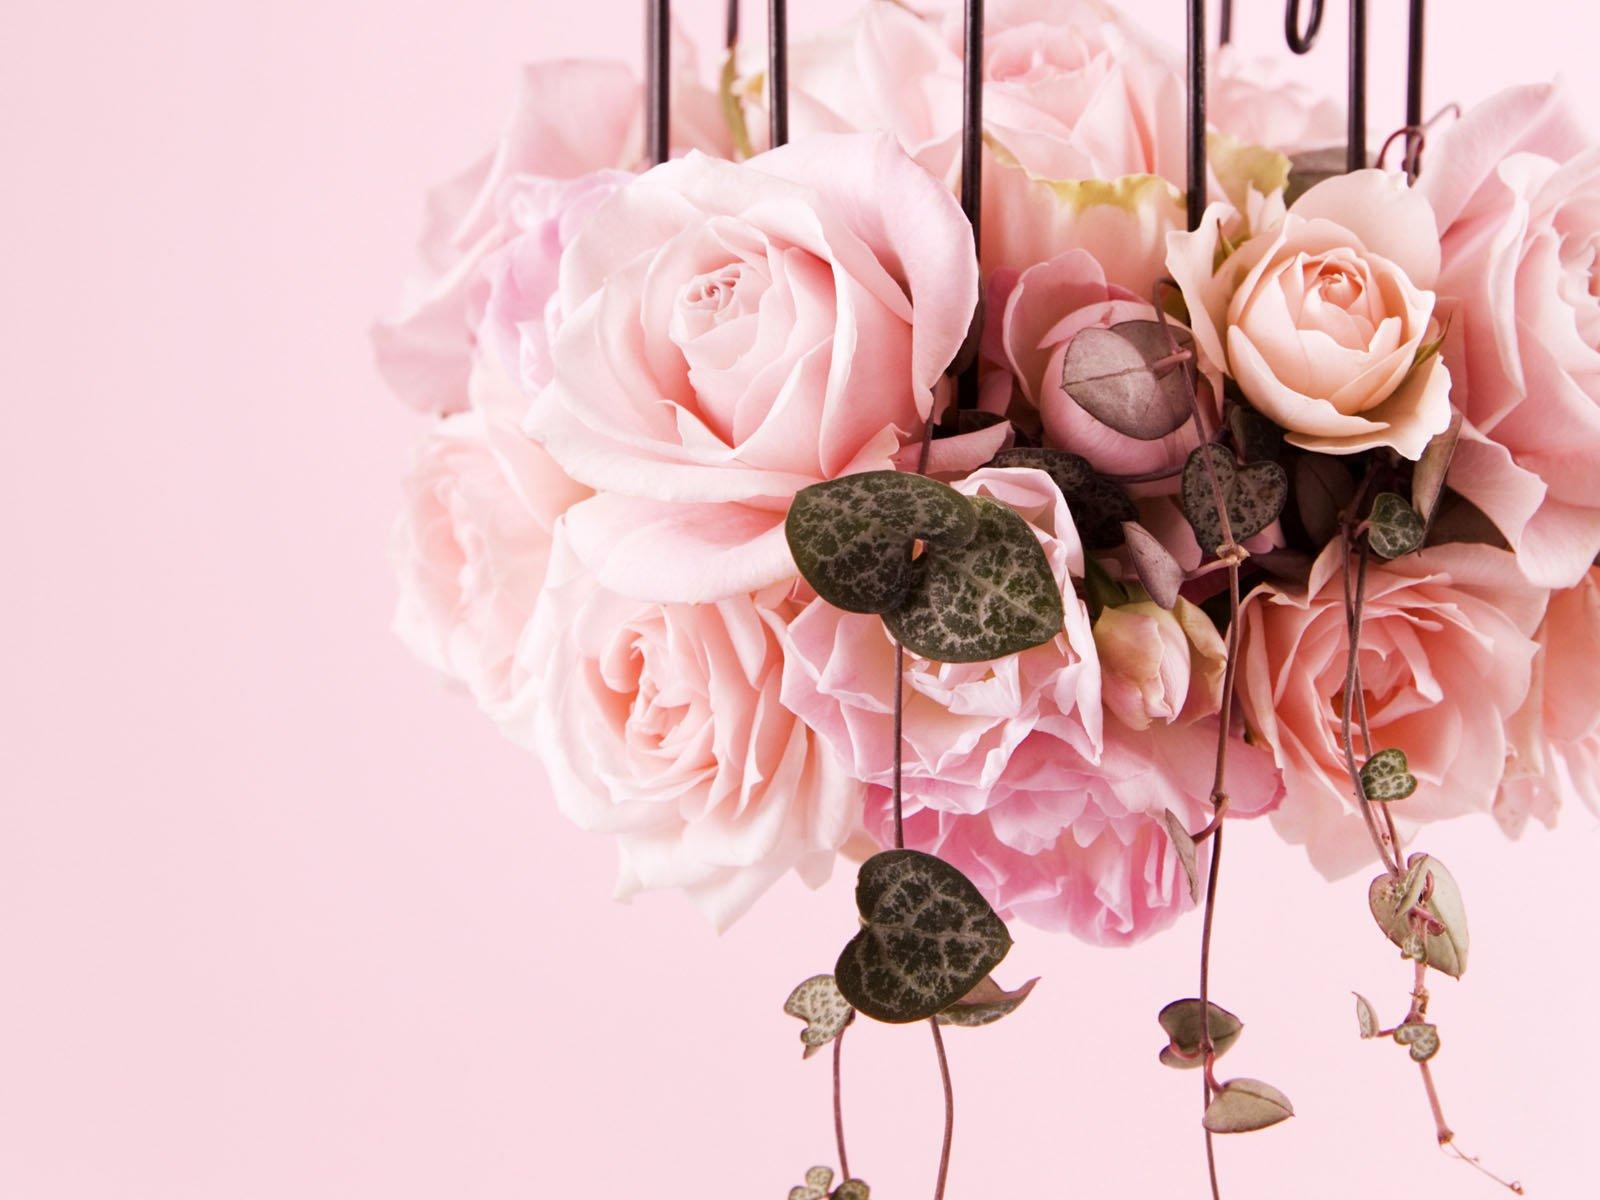 Самые красивые цветы только для тебя моя дорогая картинки от гифки